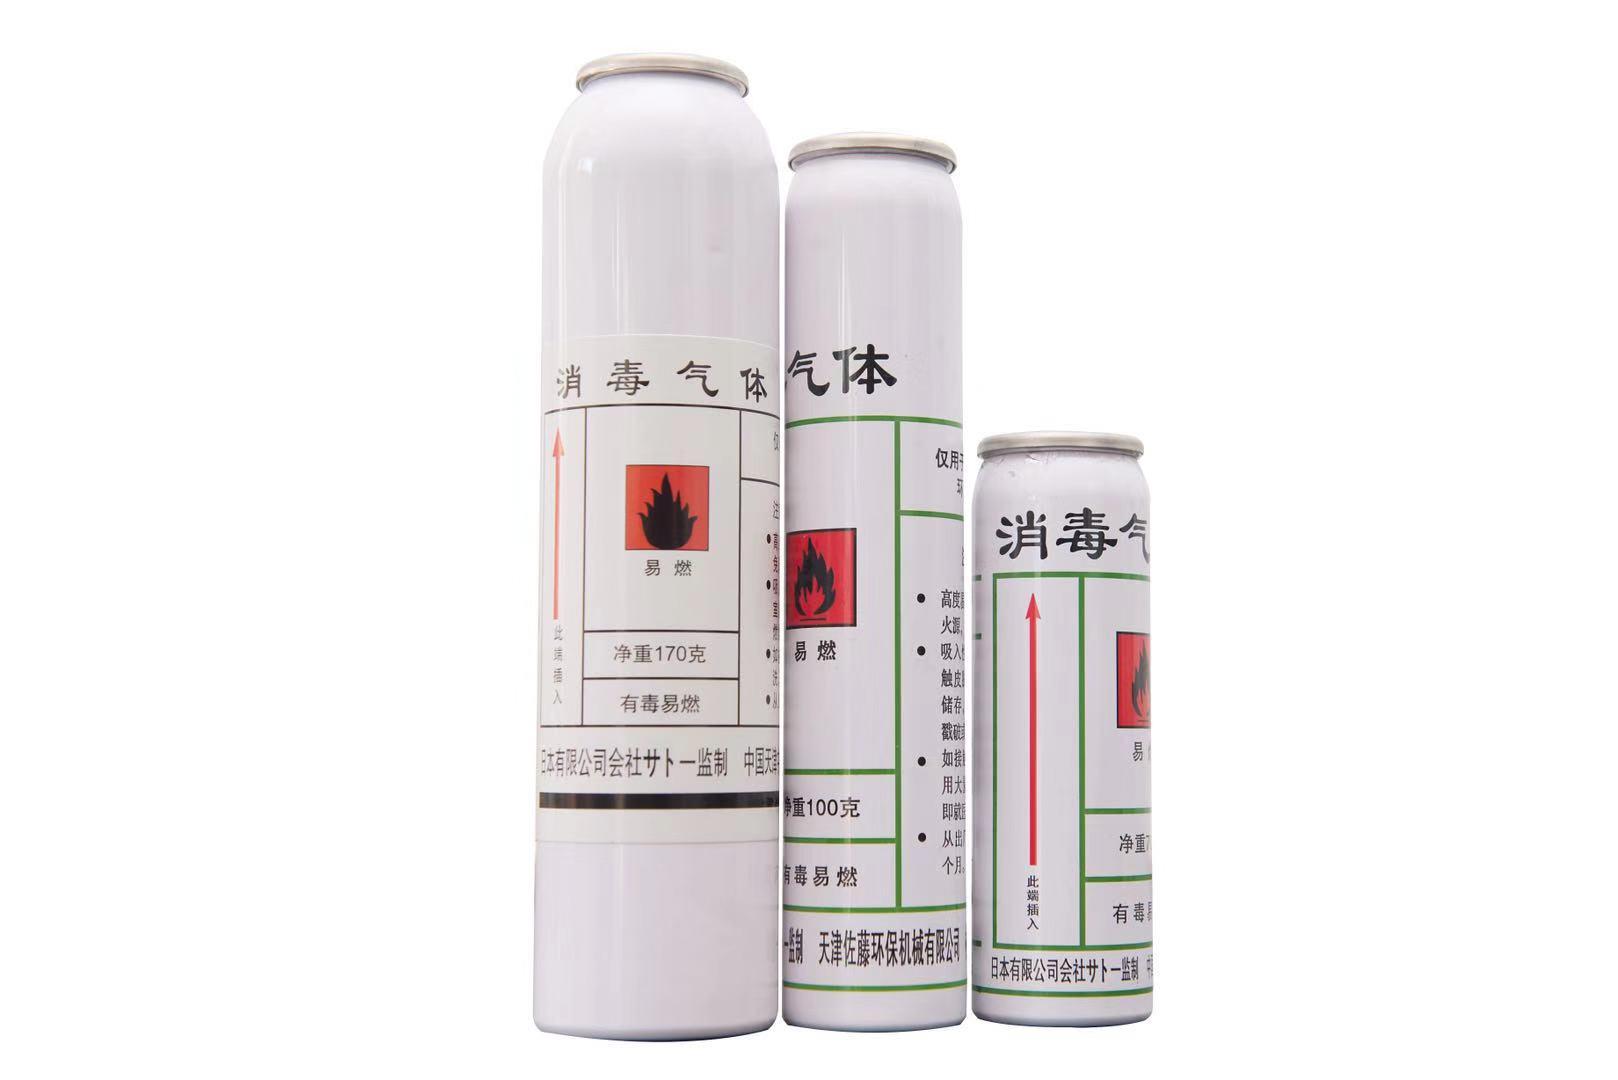 环氧乙烷灭菌剂